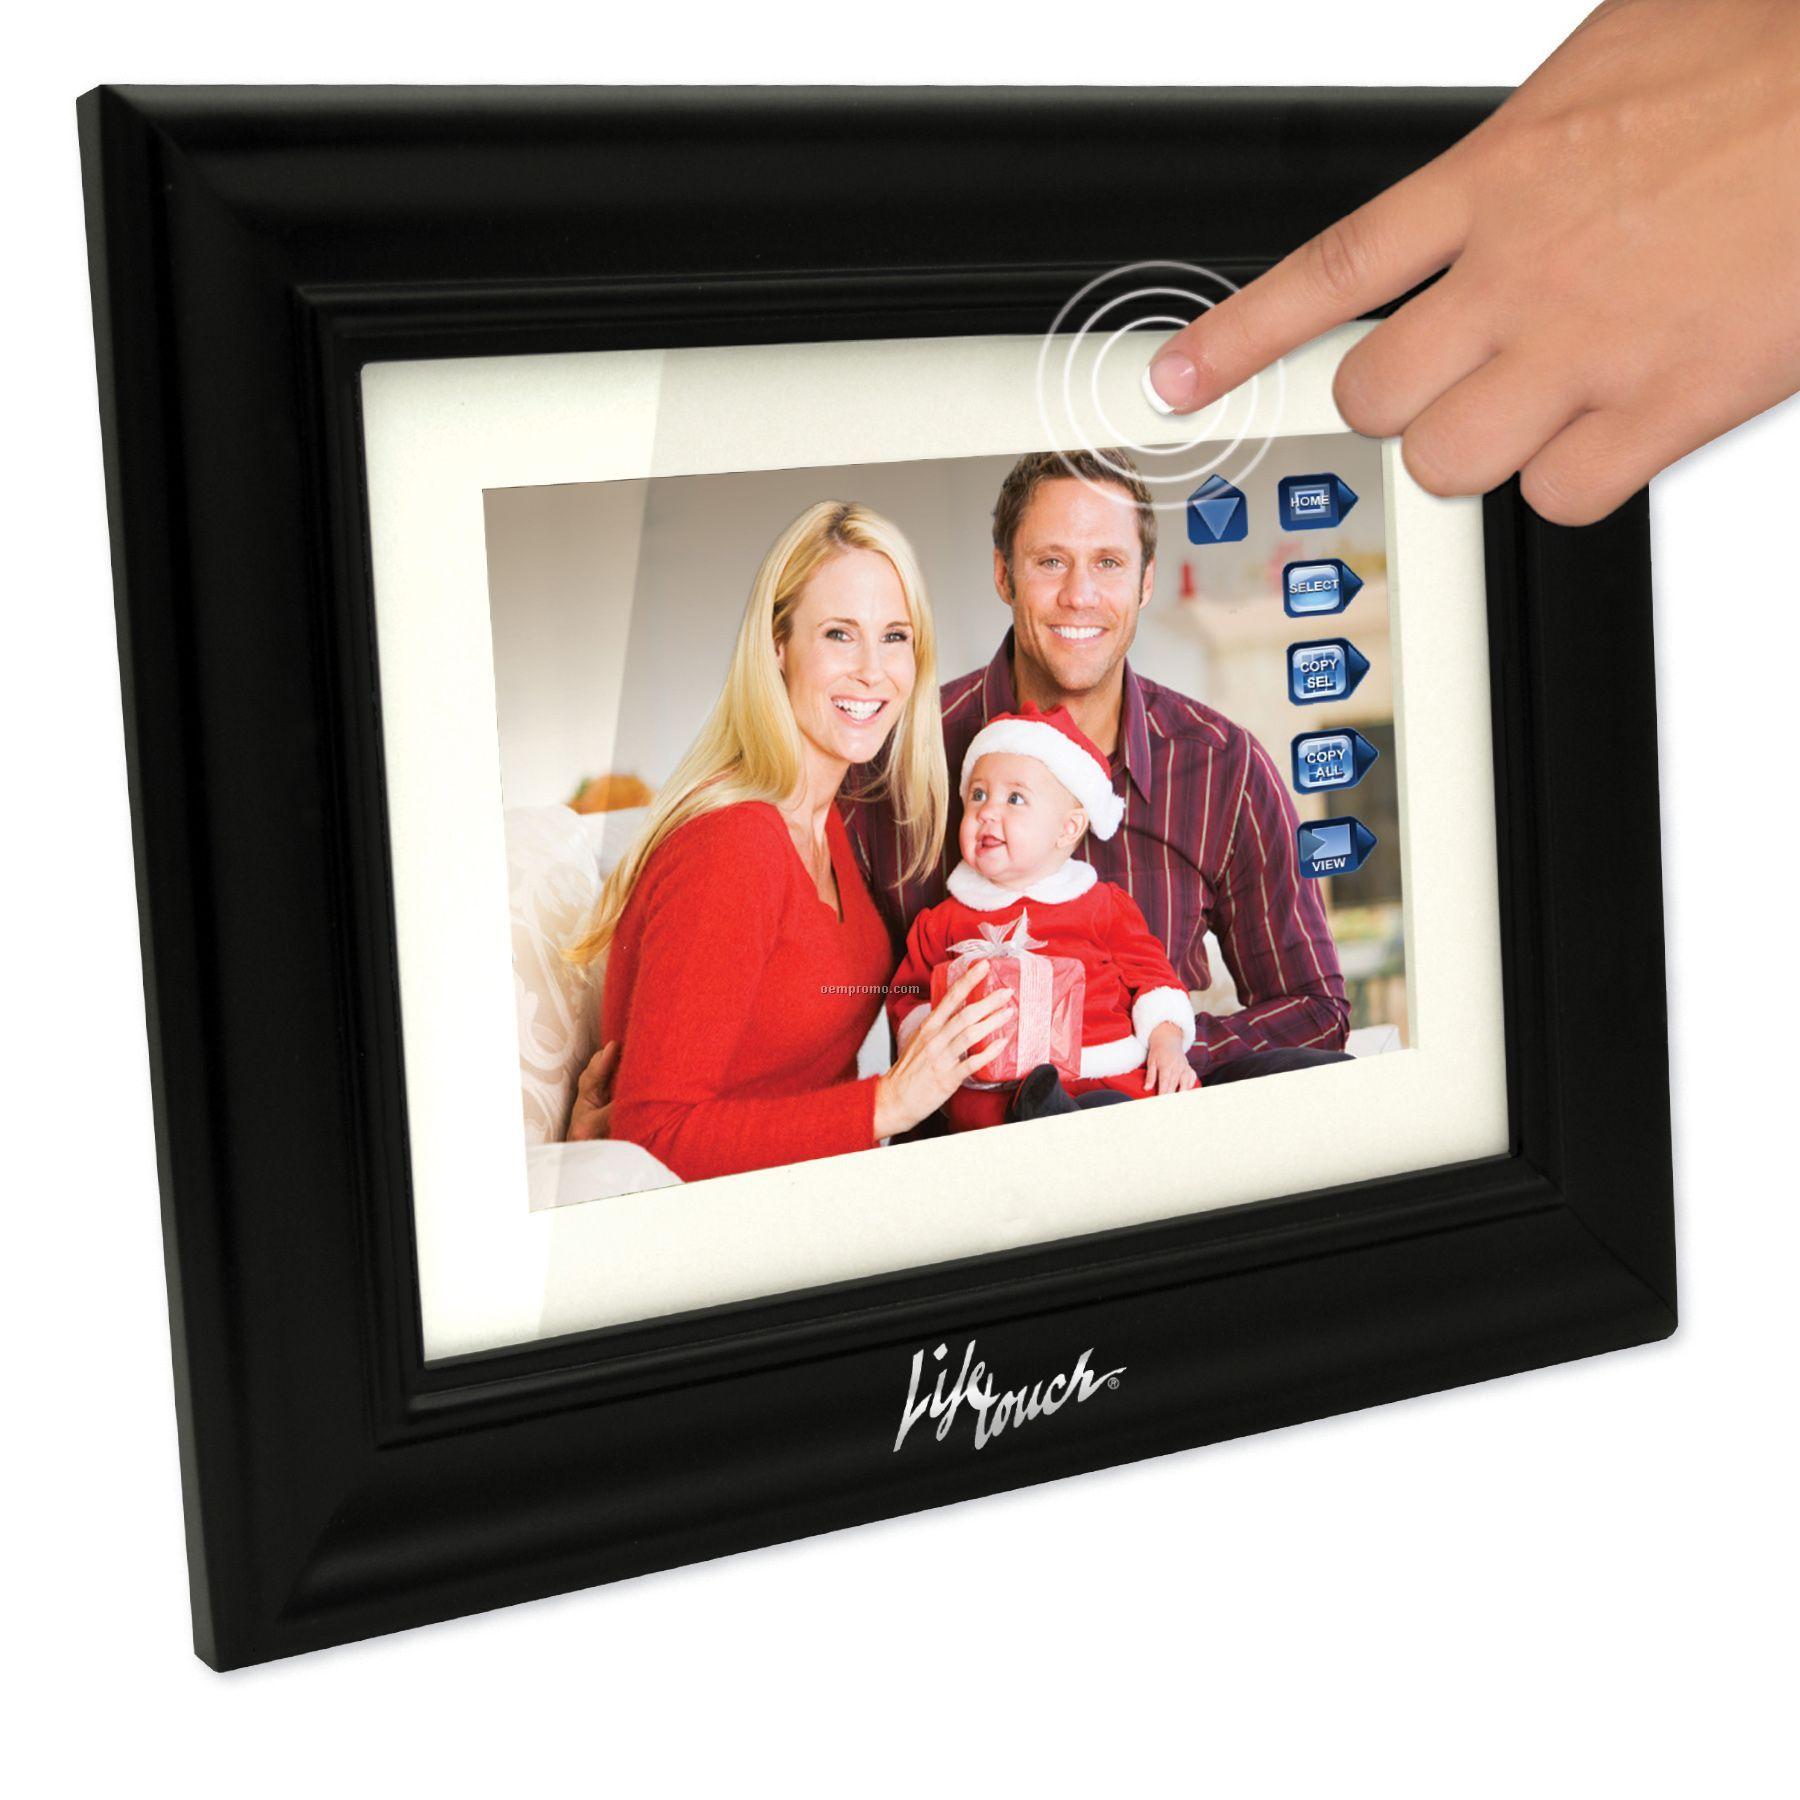 Photostar Digital Frames By Pandigital - 15 Inch